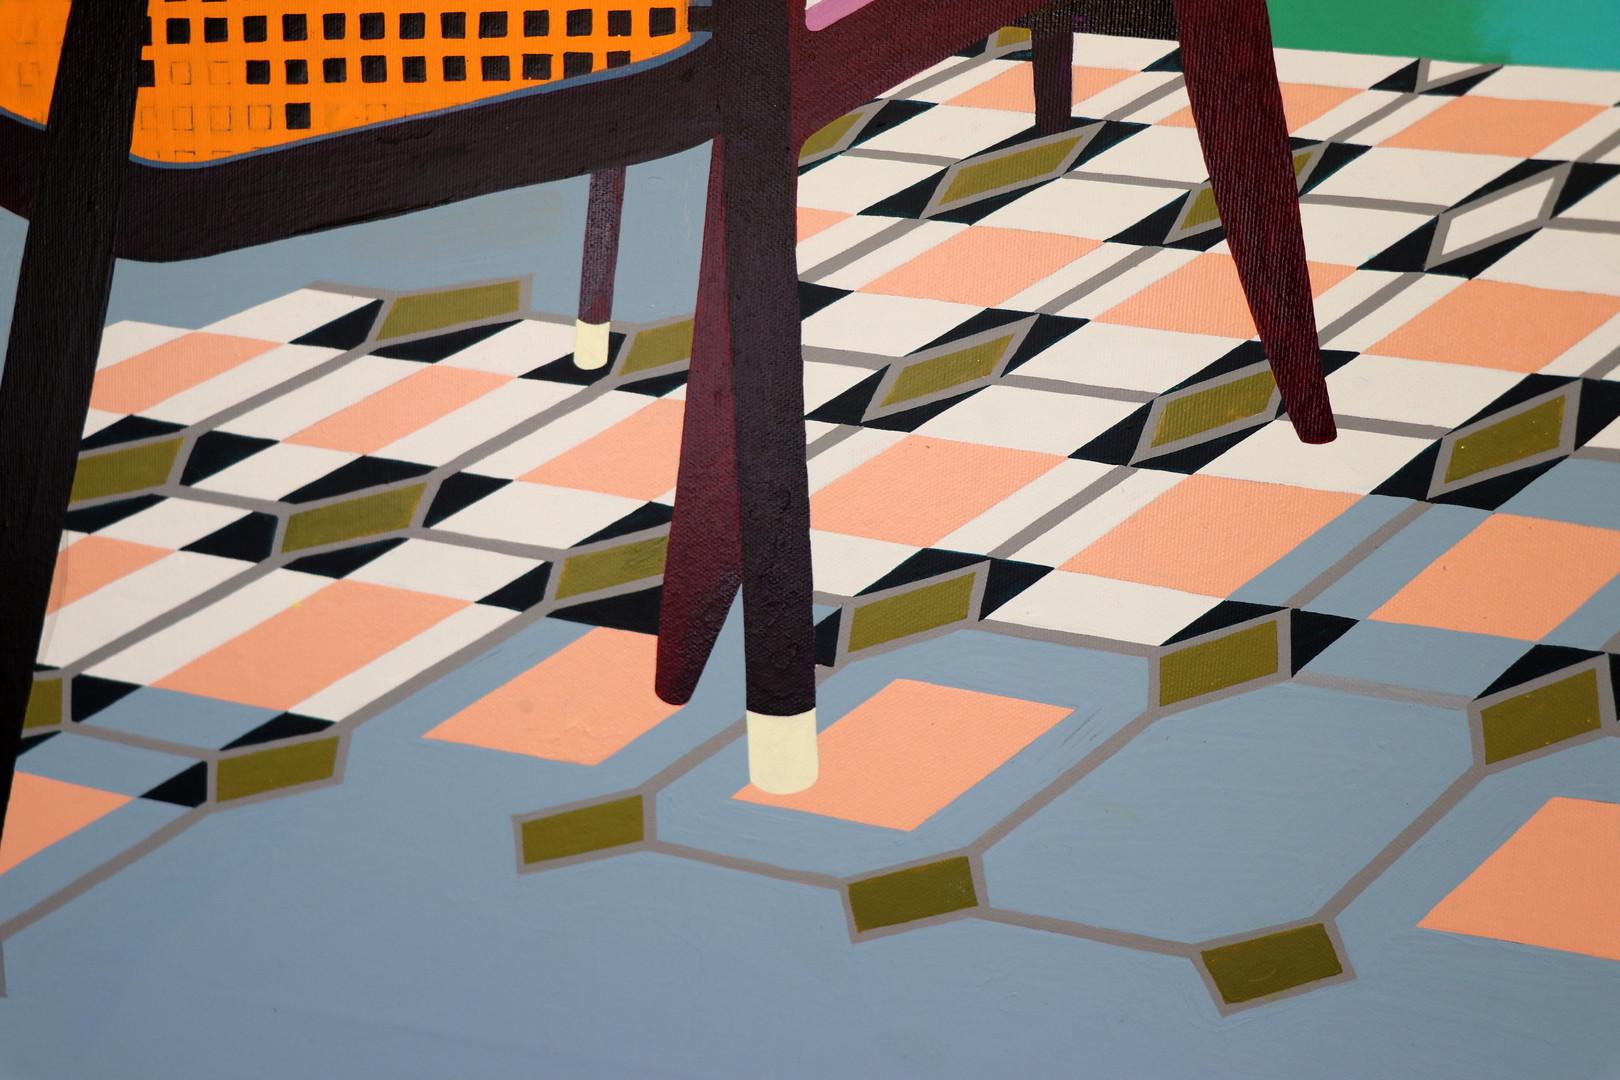 Floor pattern detail